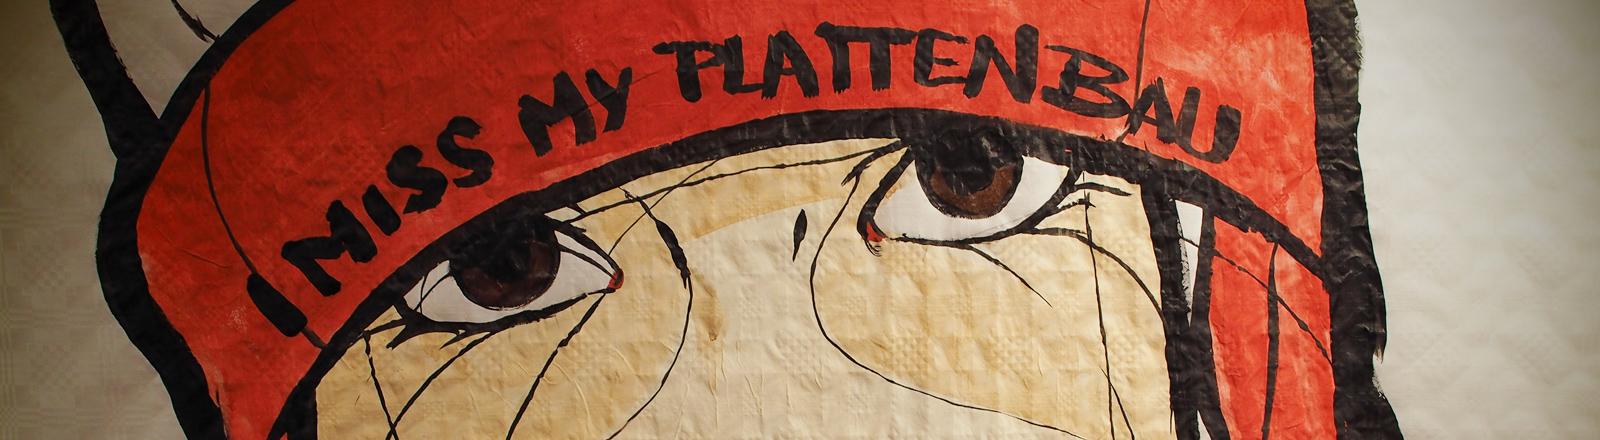 """Ein Bild des Street-Art-Künstlers """"El Bocho"""" ist  in der JR-Gallery in der Lützowstraße im Bezirk Schöneberg am 05.07.2014 zu sehen."""